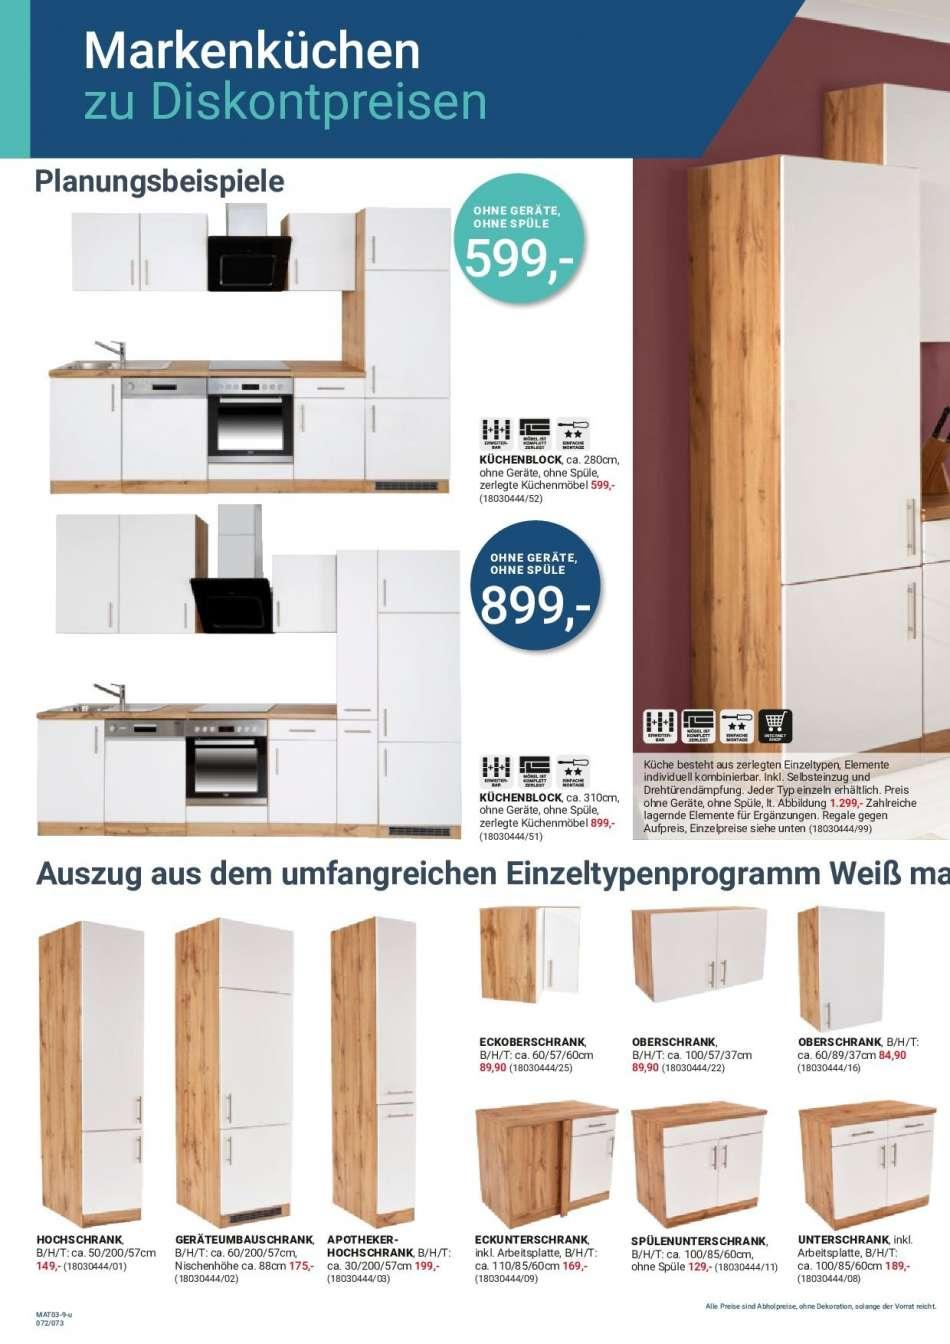 Full Size of Möbelix Küchen Mbeliangebote 3132019 31122019 Rabatt Kompass Regal Wohnzimmer Möbelix Küchen